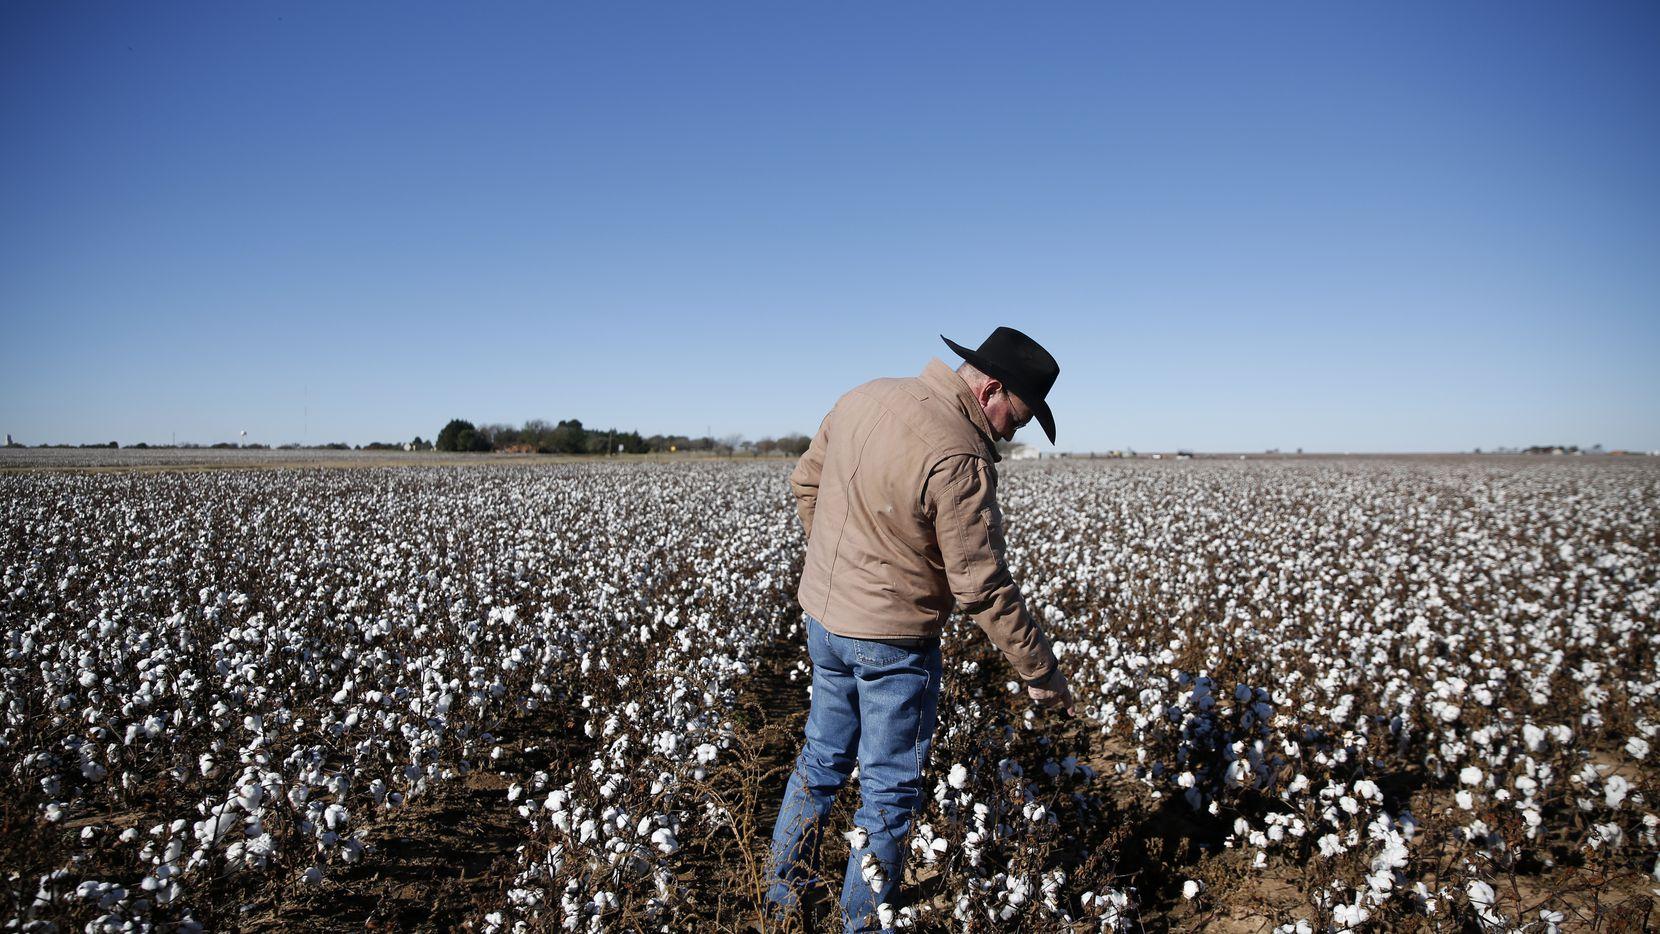 Programme de VR pour les fermiers qui cultive du coton